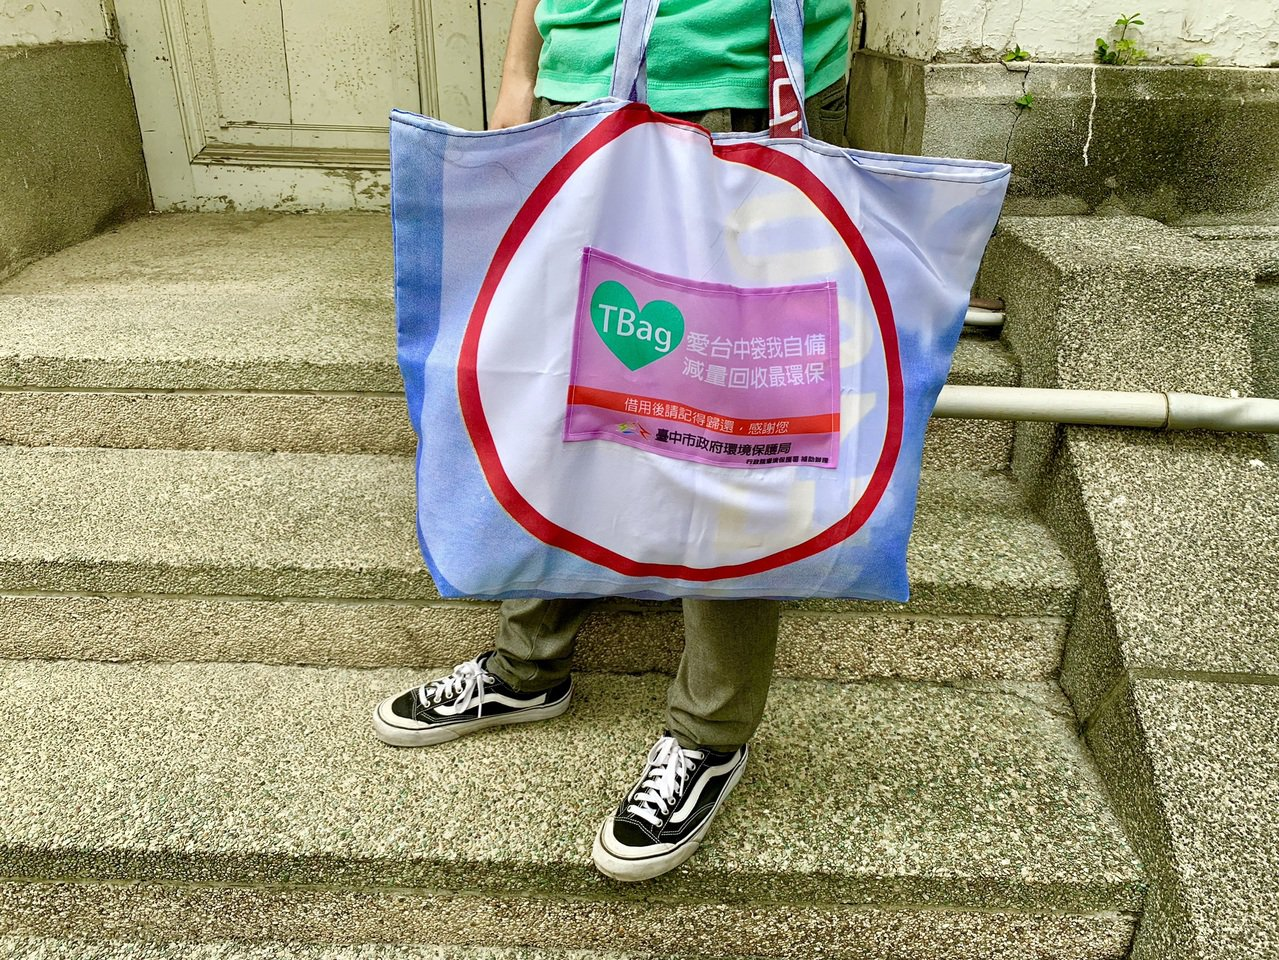 中市府環保局自創環保購物袋品牌「愛台中袋」。 圖/中市府環保局提供